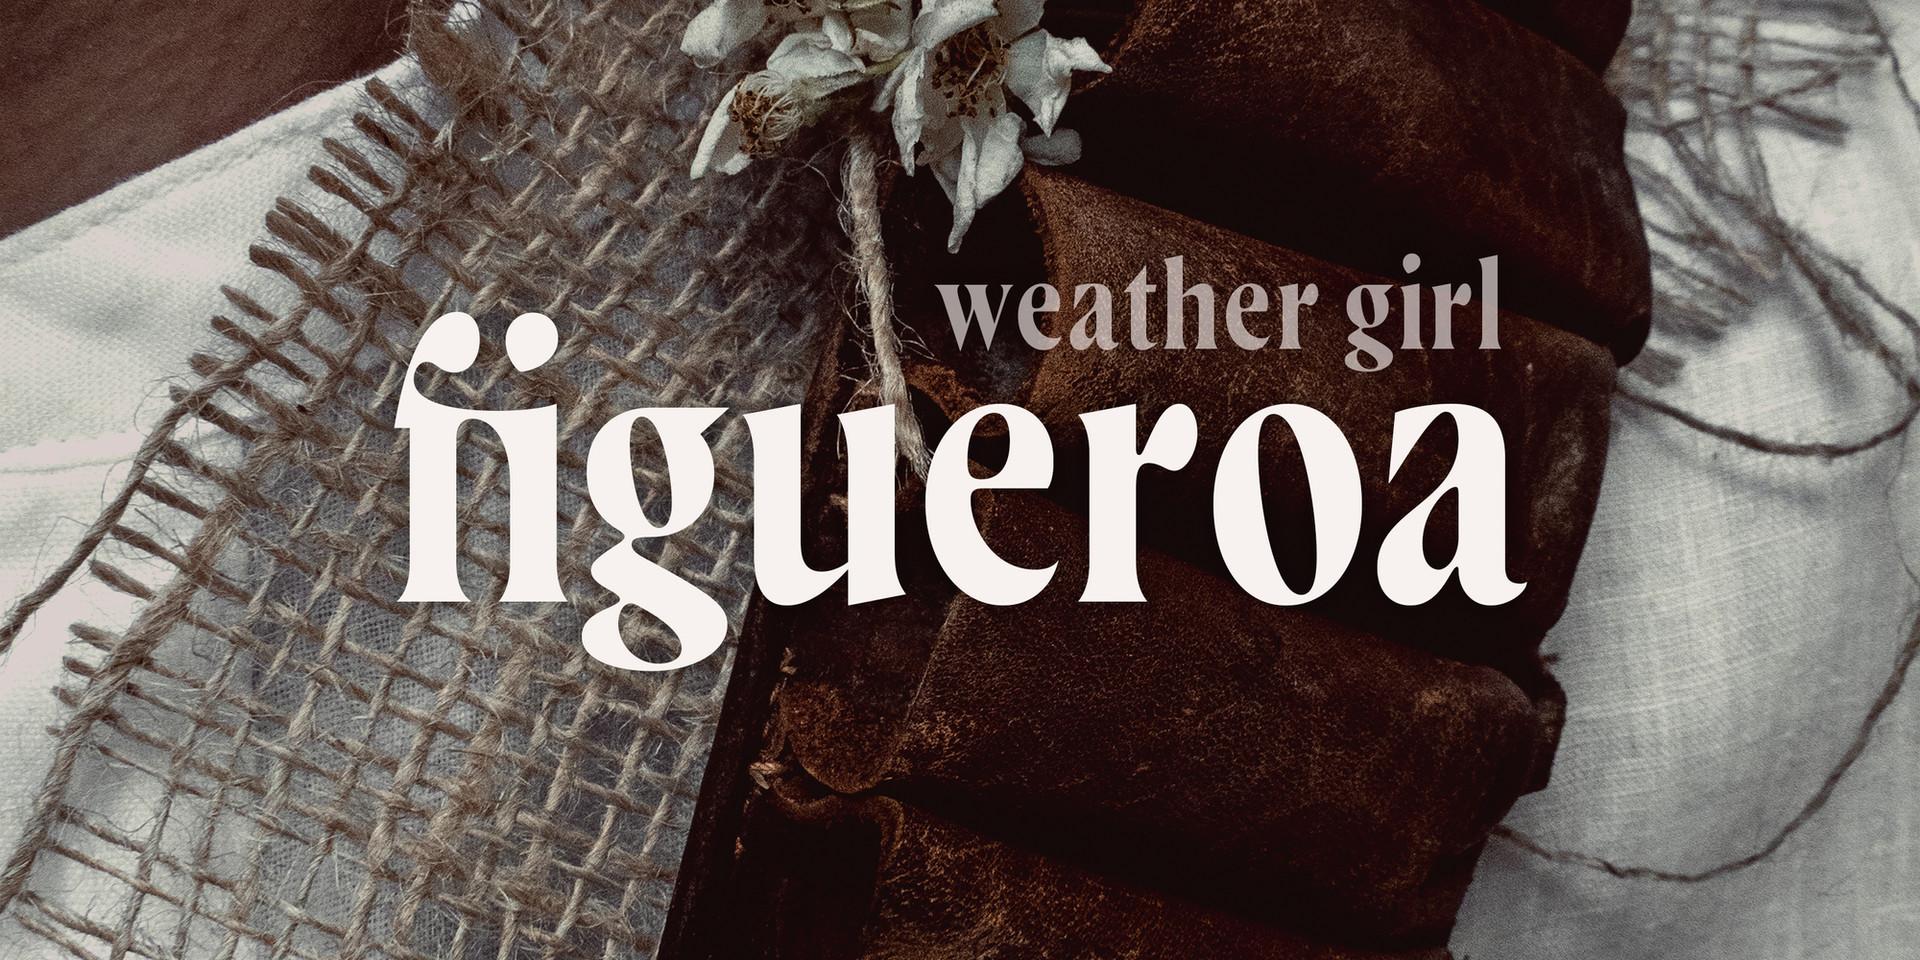 Figueroa - WeatherGirl